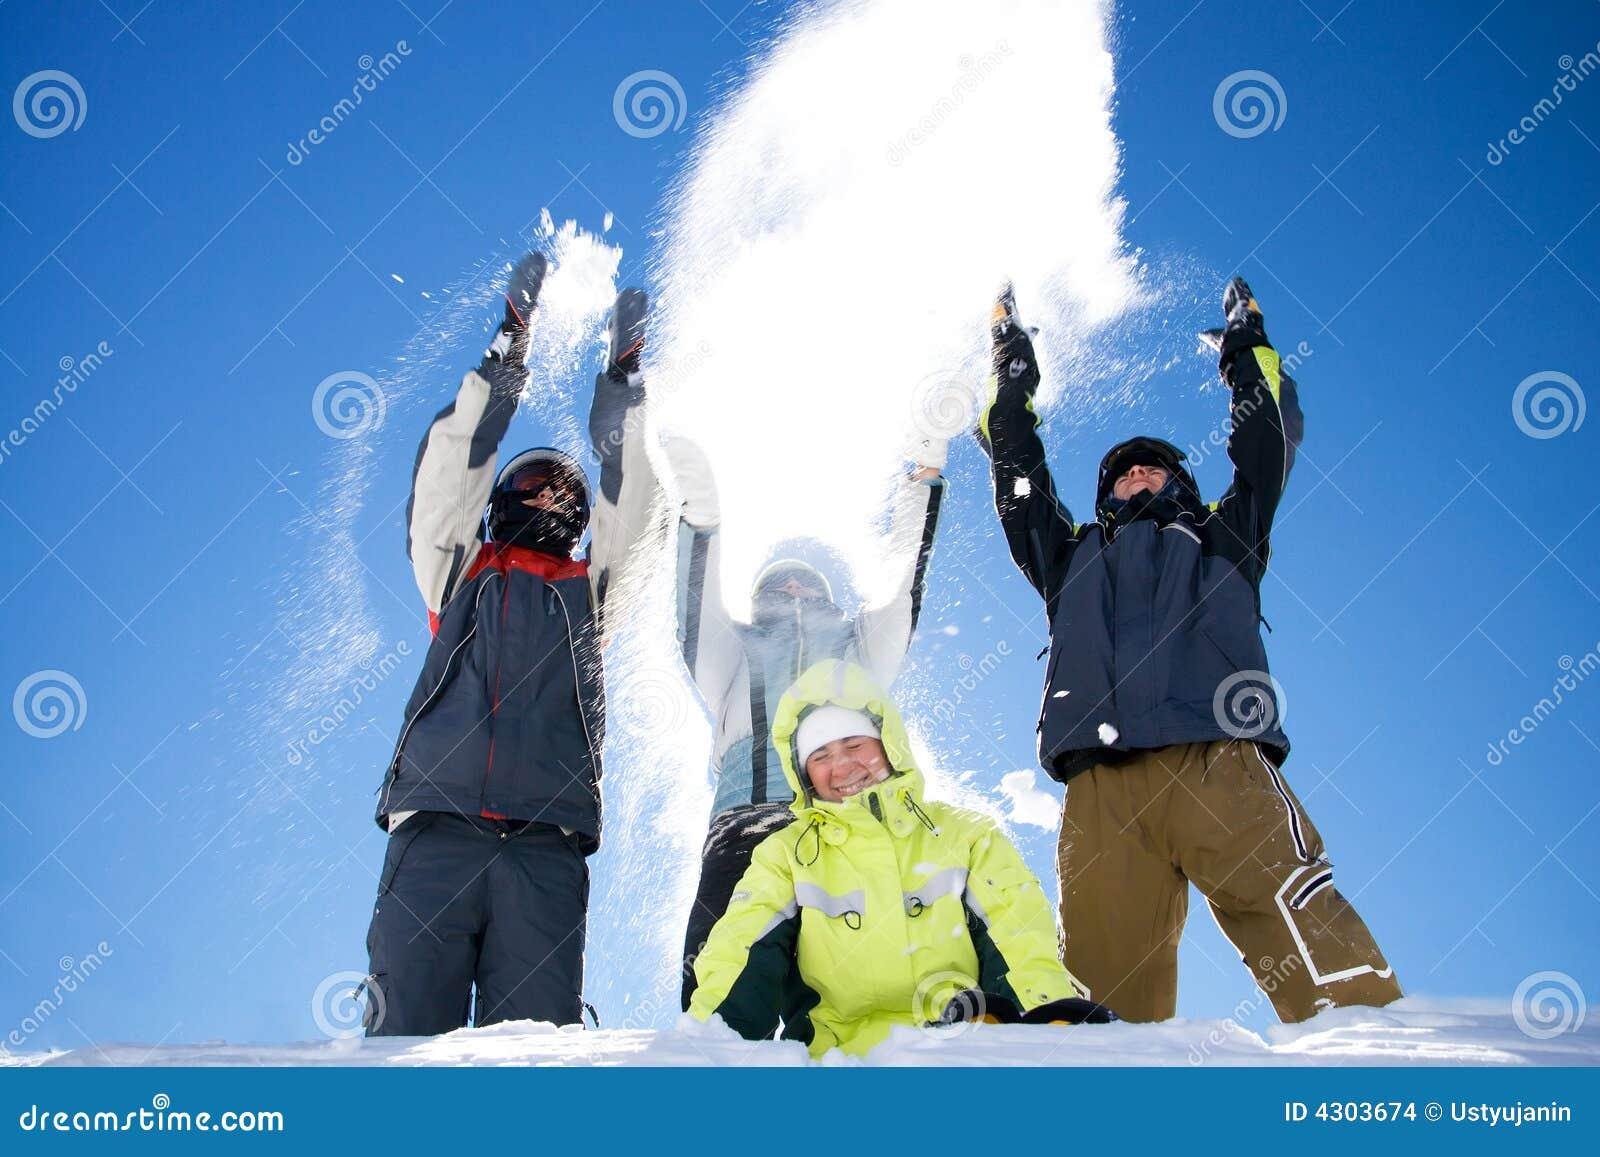 Le groupe de personnes heureux projette une neige